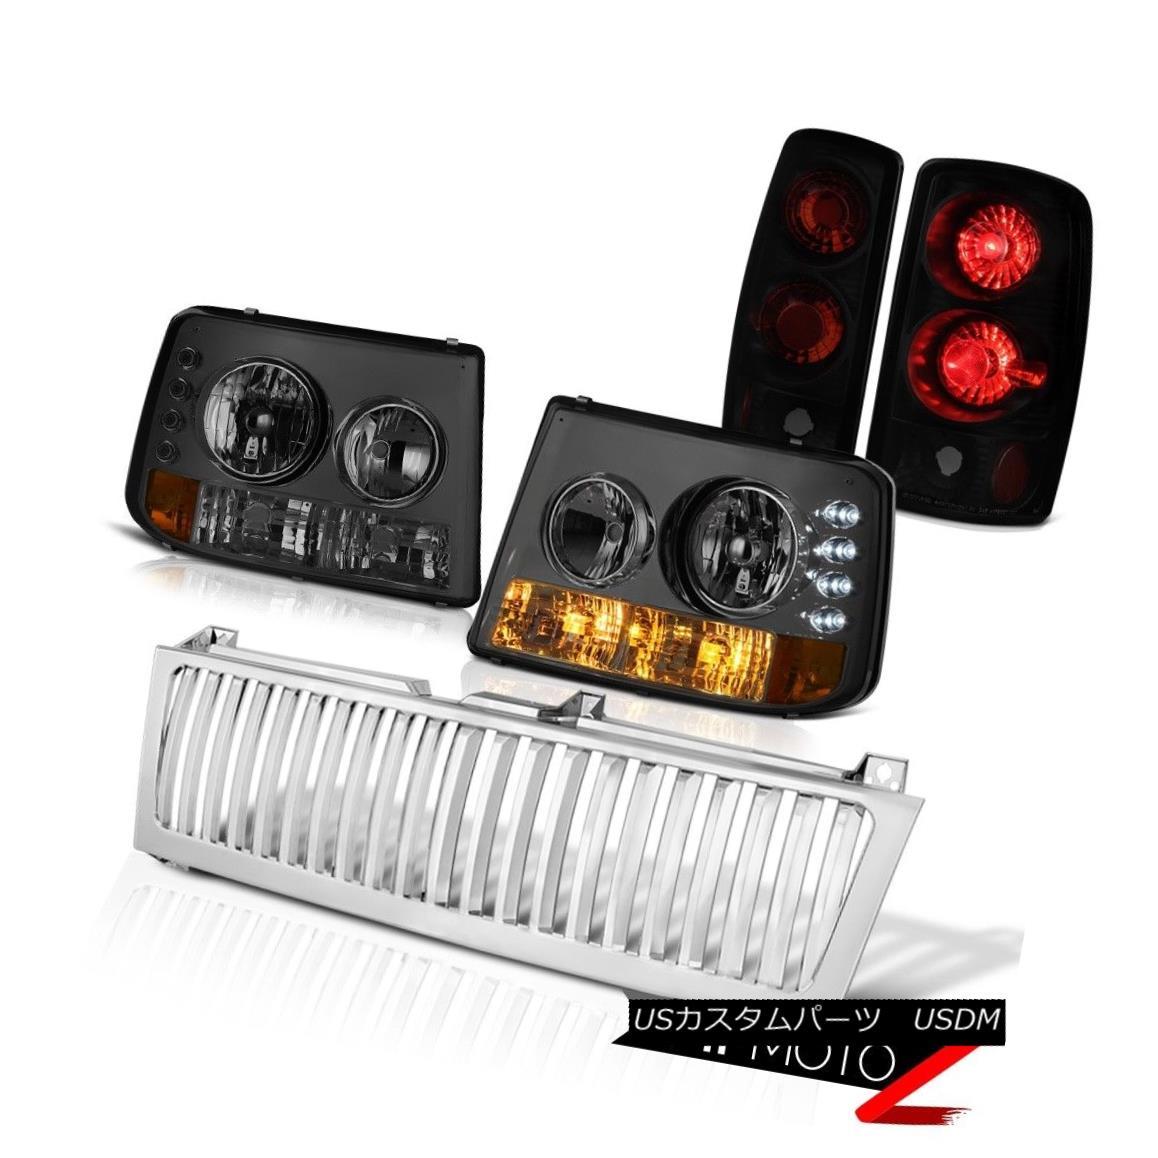 テールライト 00 01 02 03 05 06 Suburban 6.0L Bumper+Headlight Signal Tail Light Chrome Grille 00 01 02 03 05 06郊外の6.0Lバンパー+ヘッドリッグ htシグナルテールライトクロームグリル